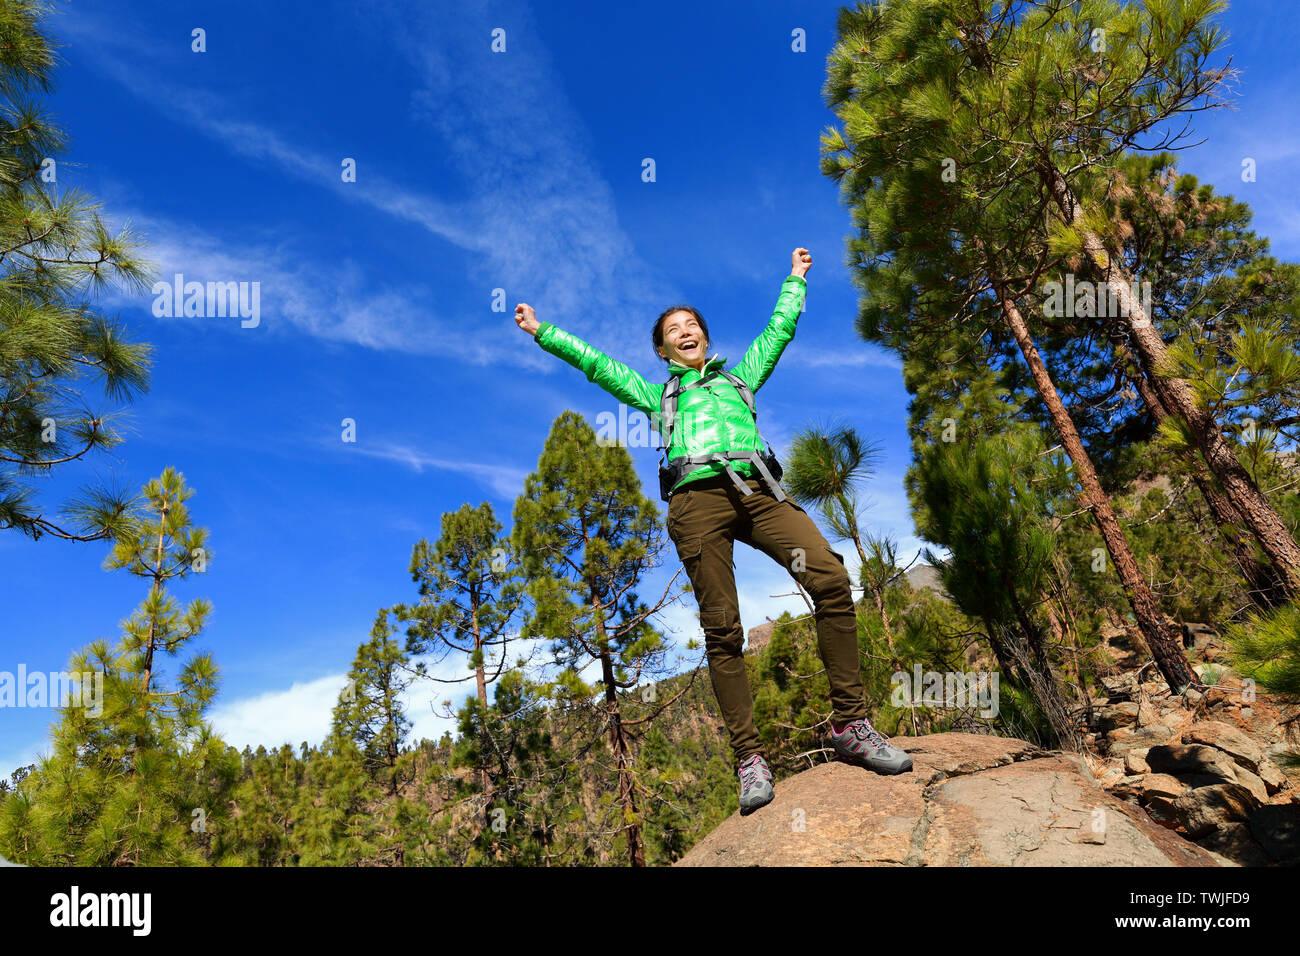 Escursionismo donna raggiungendo il culmine top tifo celebrare sulla cima della montagna con le braccia in alto proteso verso il cielo. Felice escursionista femmina. Foto Stock